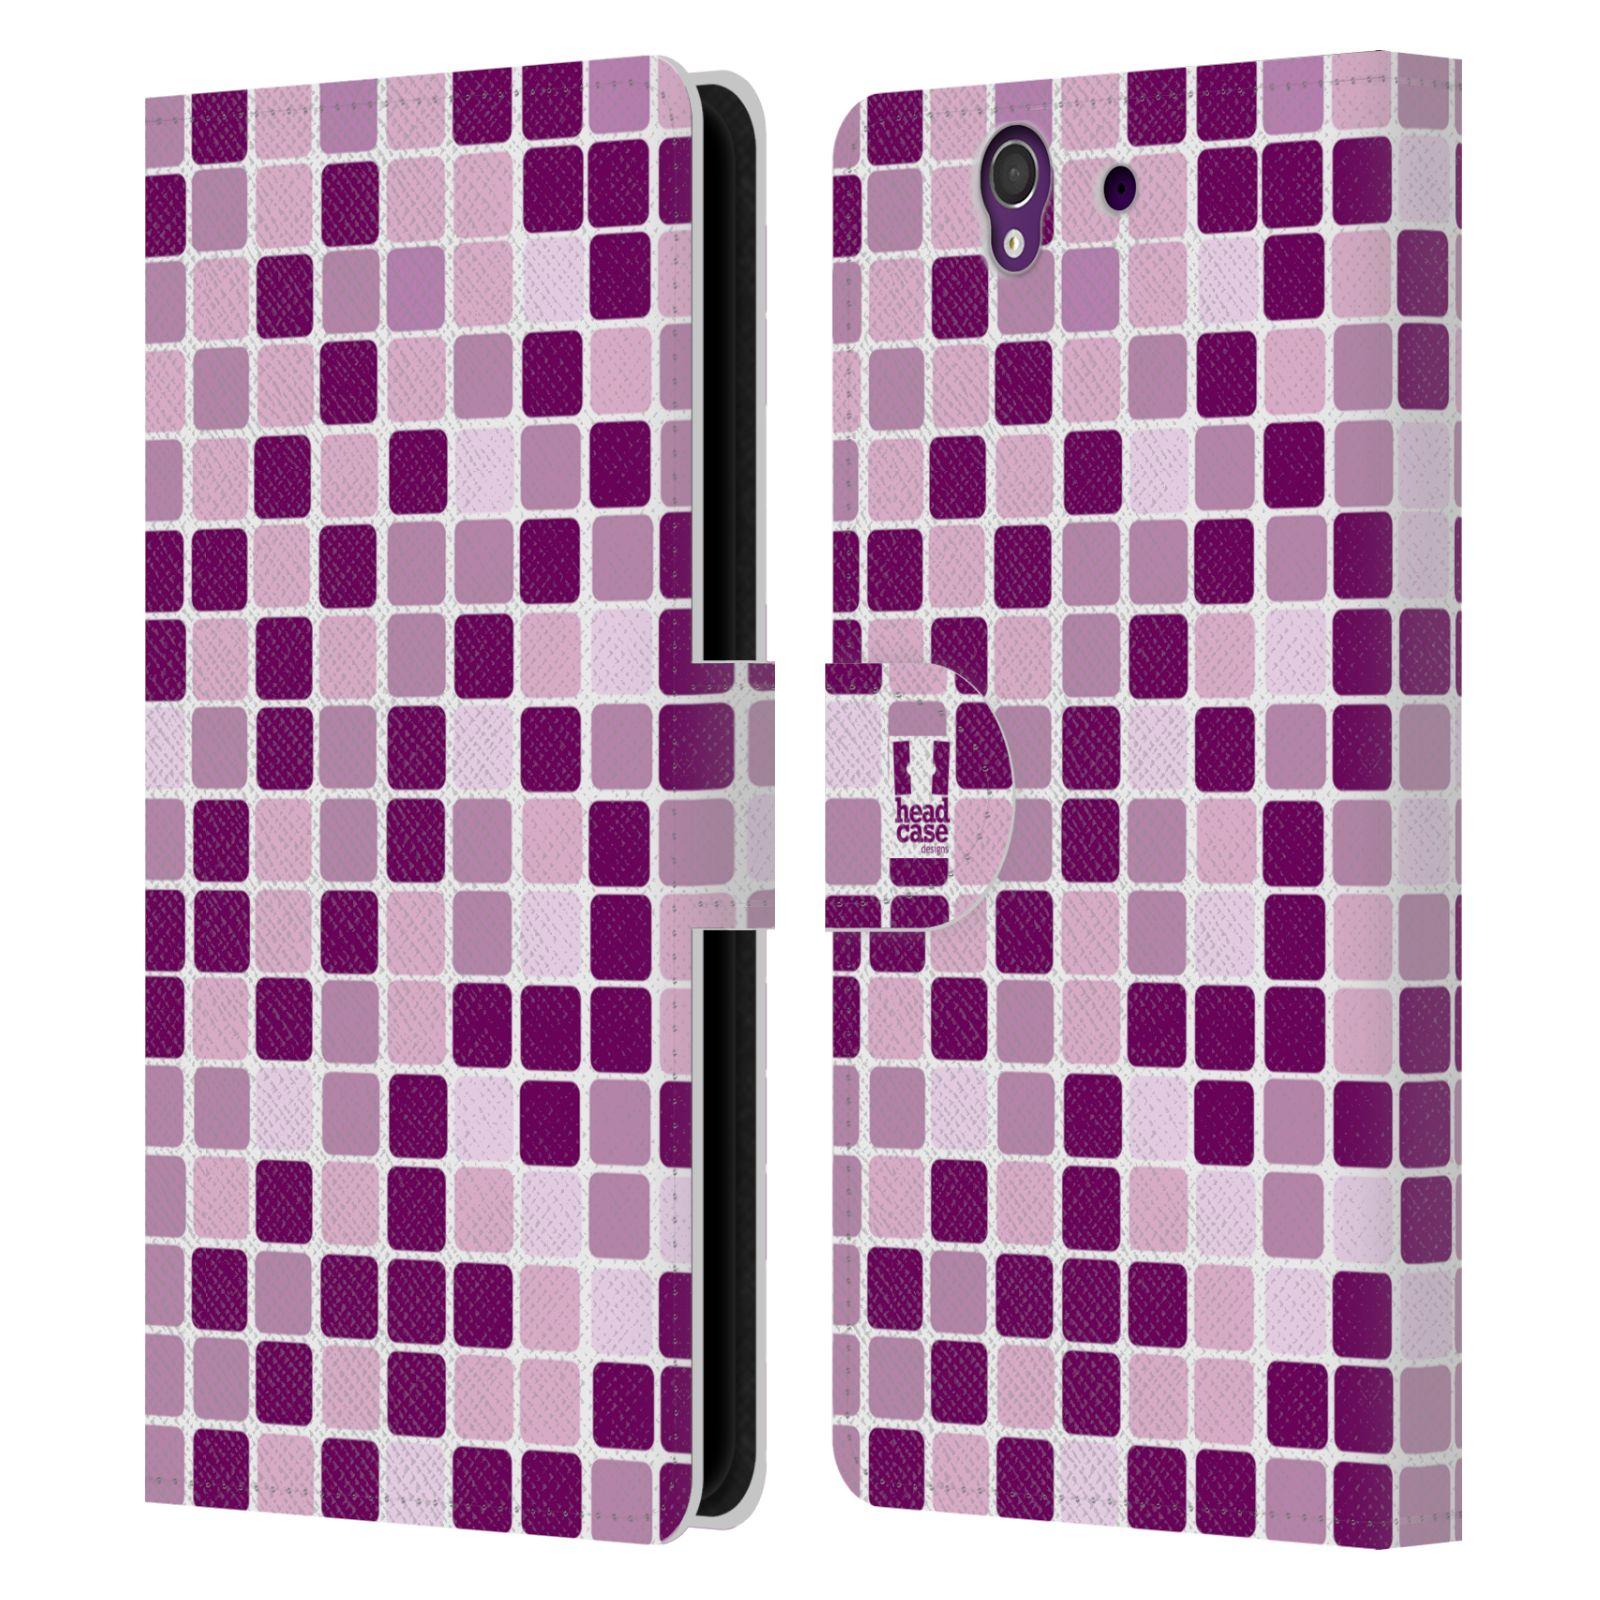 HEAD CASE Flipové pouzdro pro mobil SONY XPERIA Z (C6603) DISKO kostičky fialová